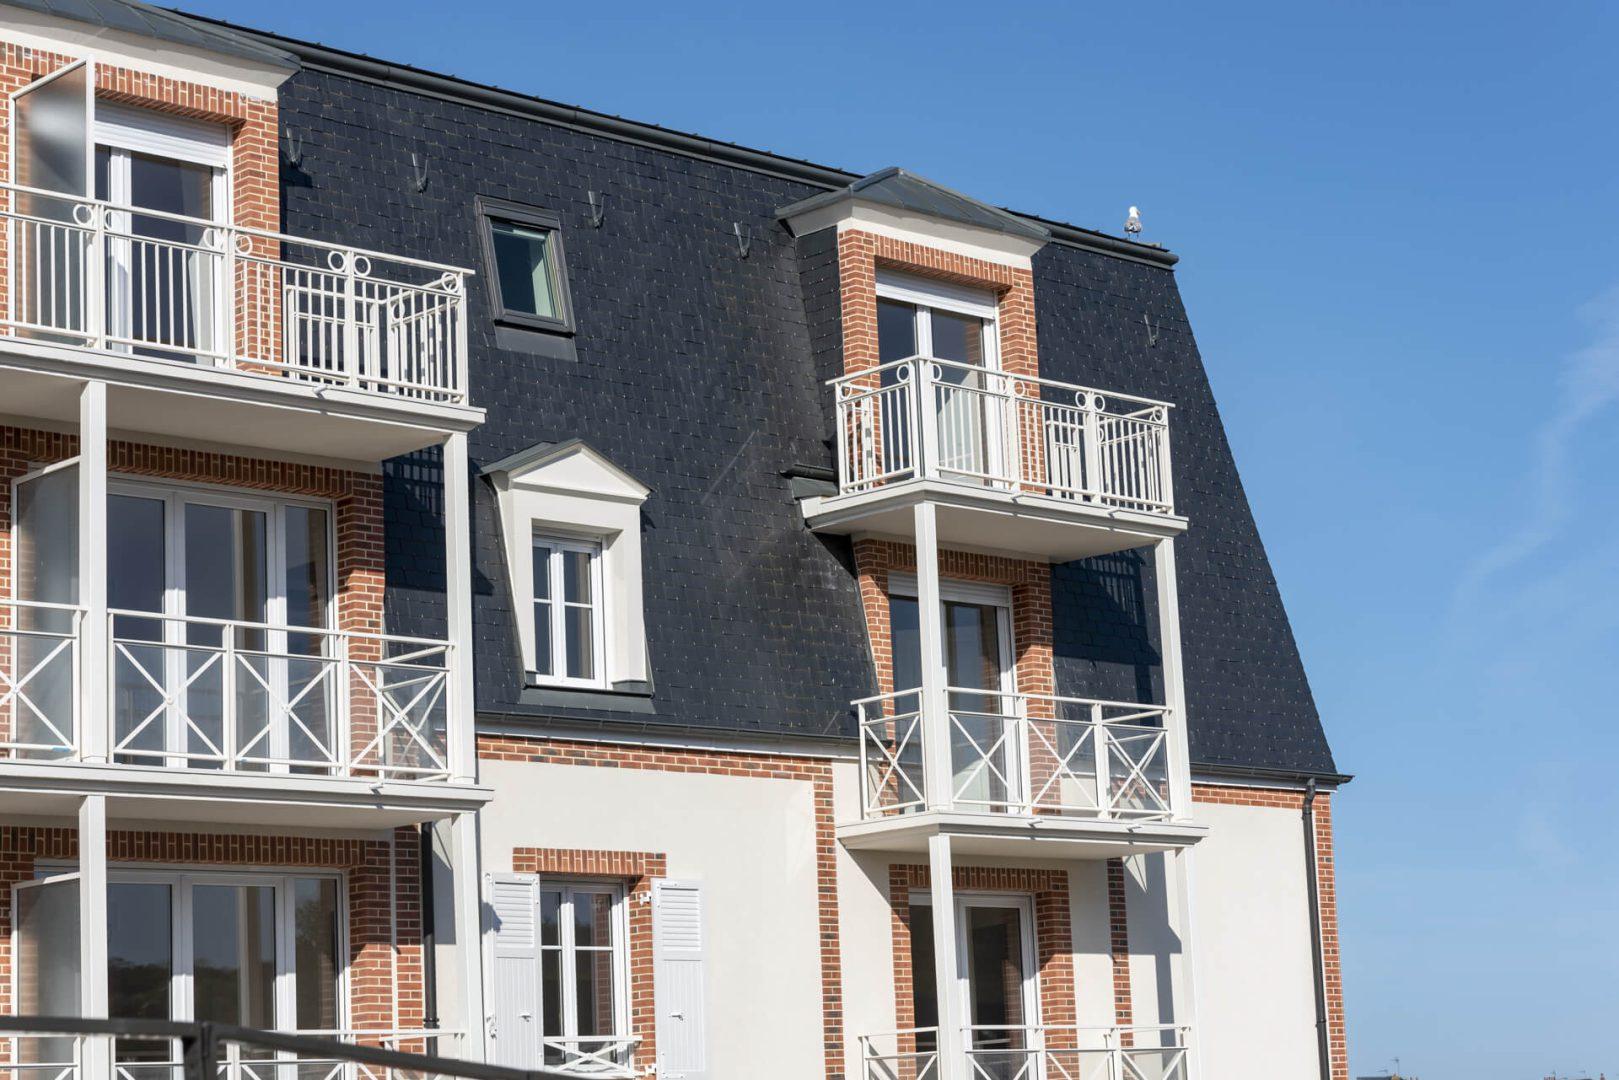 Balcons de la résidence senior Trouville, Villa Medicis Trouville